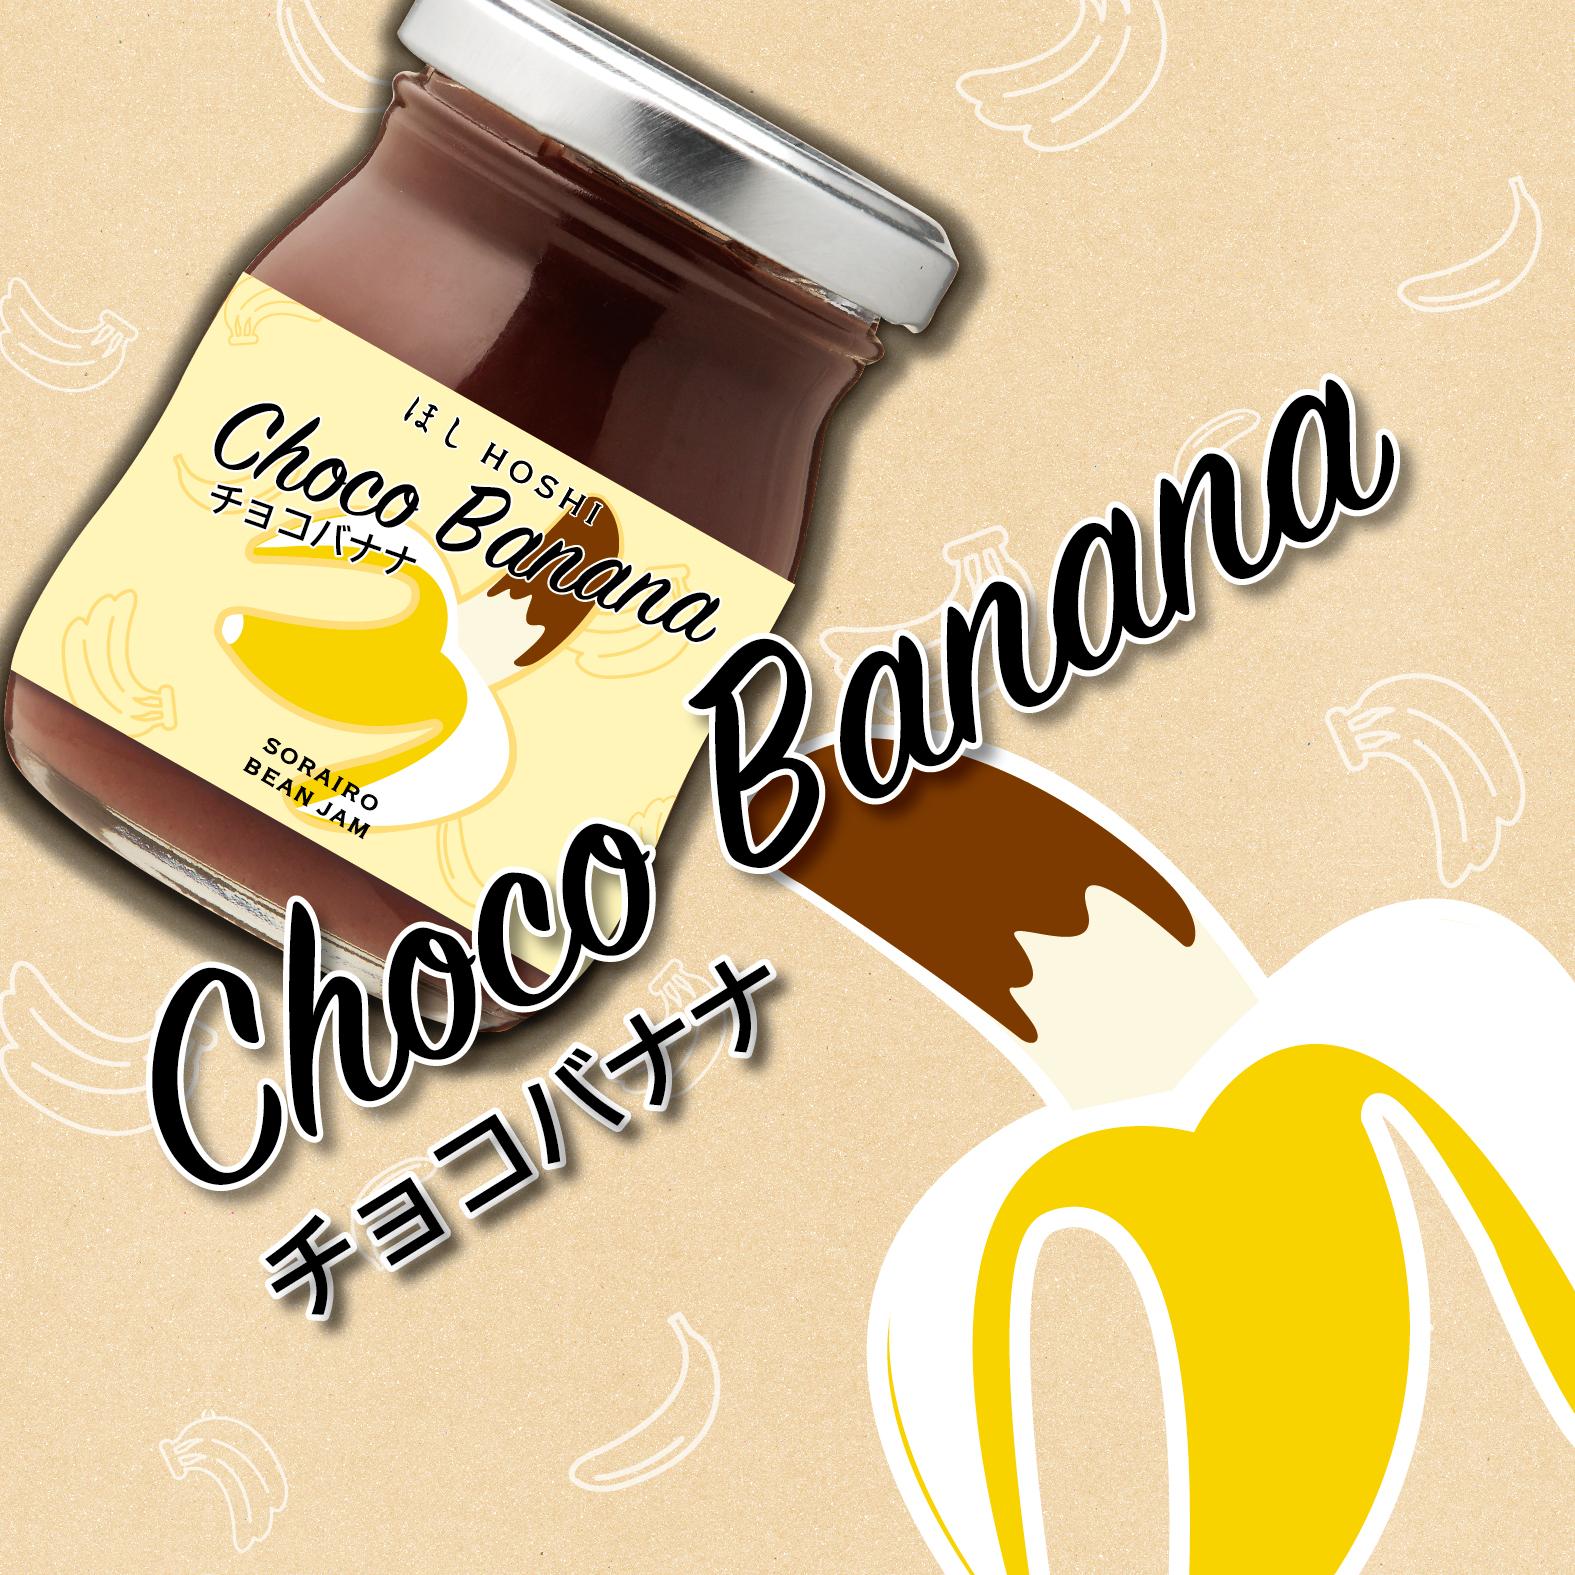 【季節限定のあん】チョコバナナ 新登場のお知らせ